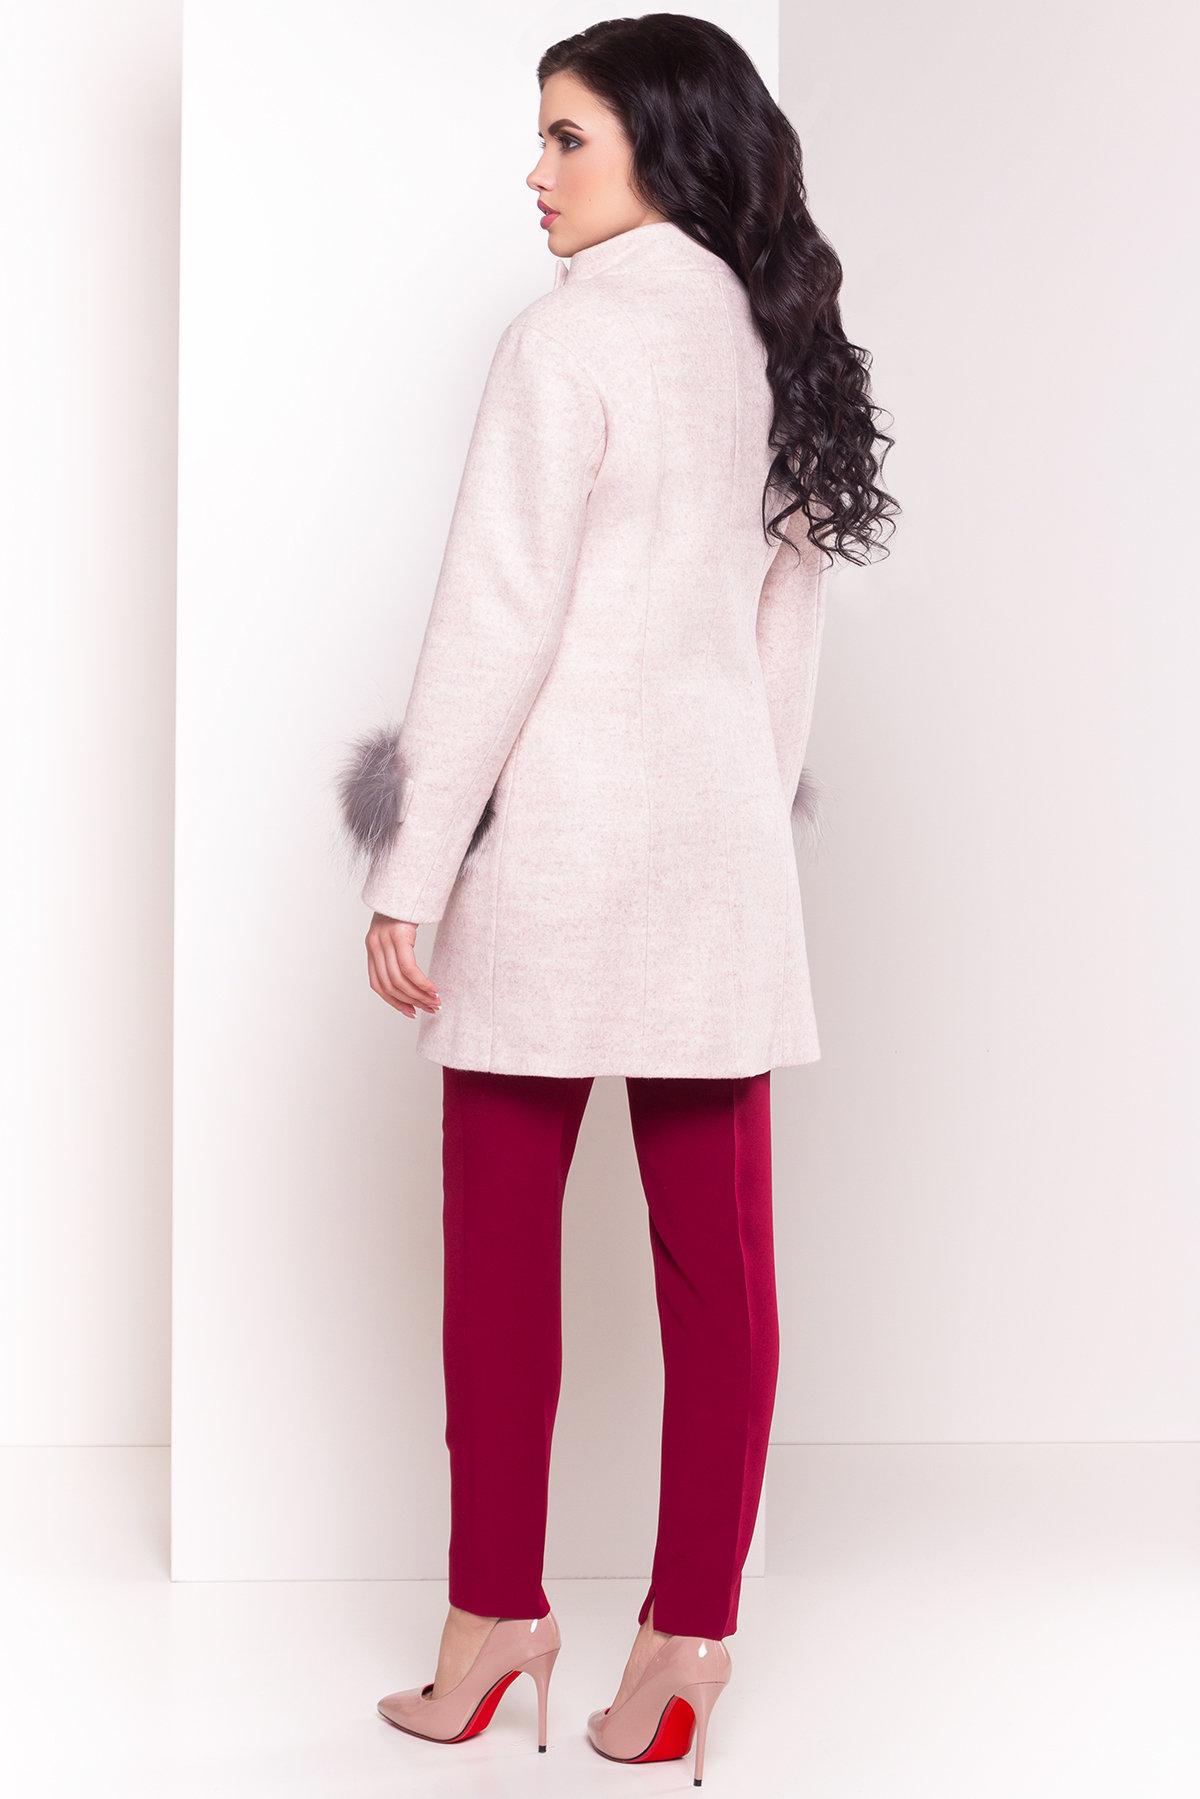 Пальто Лорин 4478 АРТ. 33847 Цвет: Бежевый - фото 4, интернет магазин tm-modus.ru